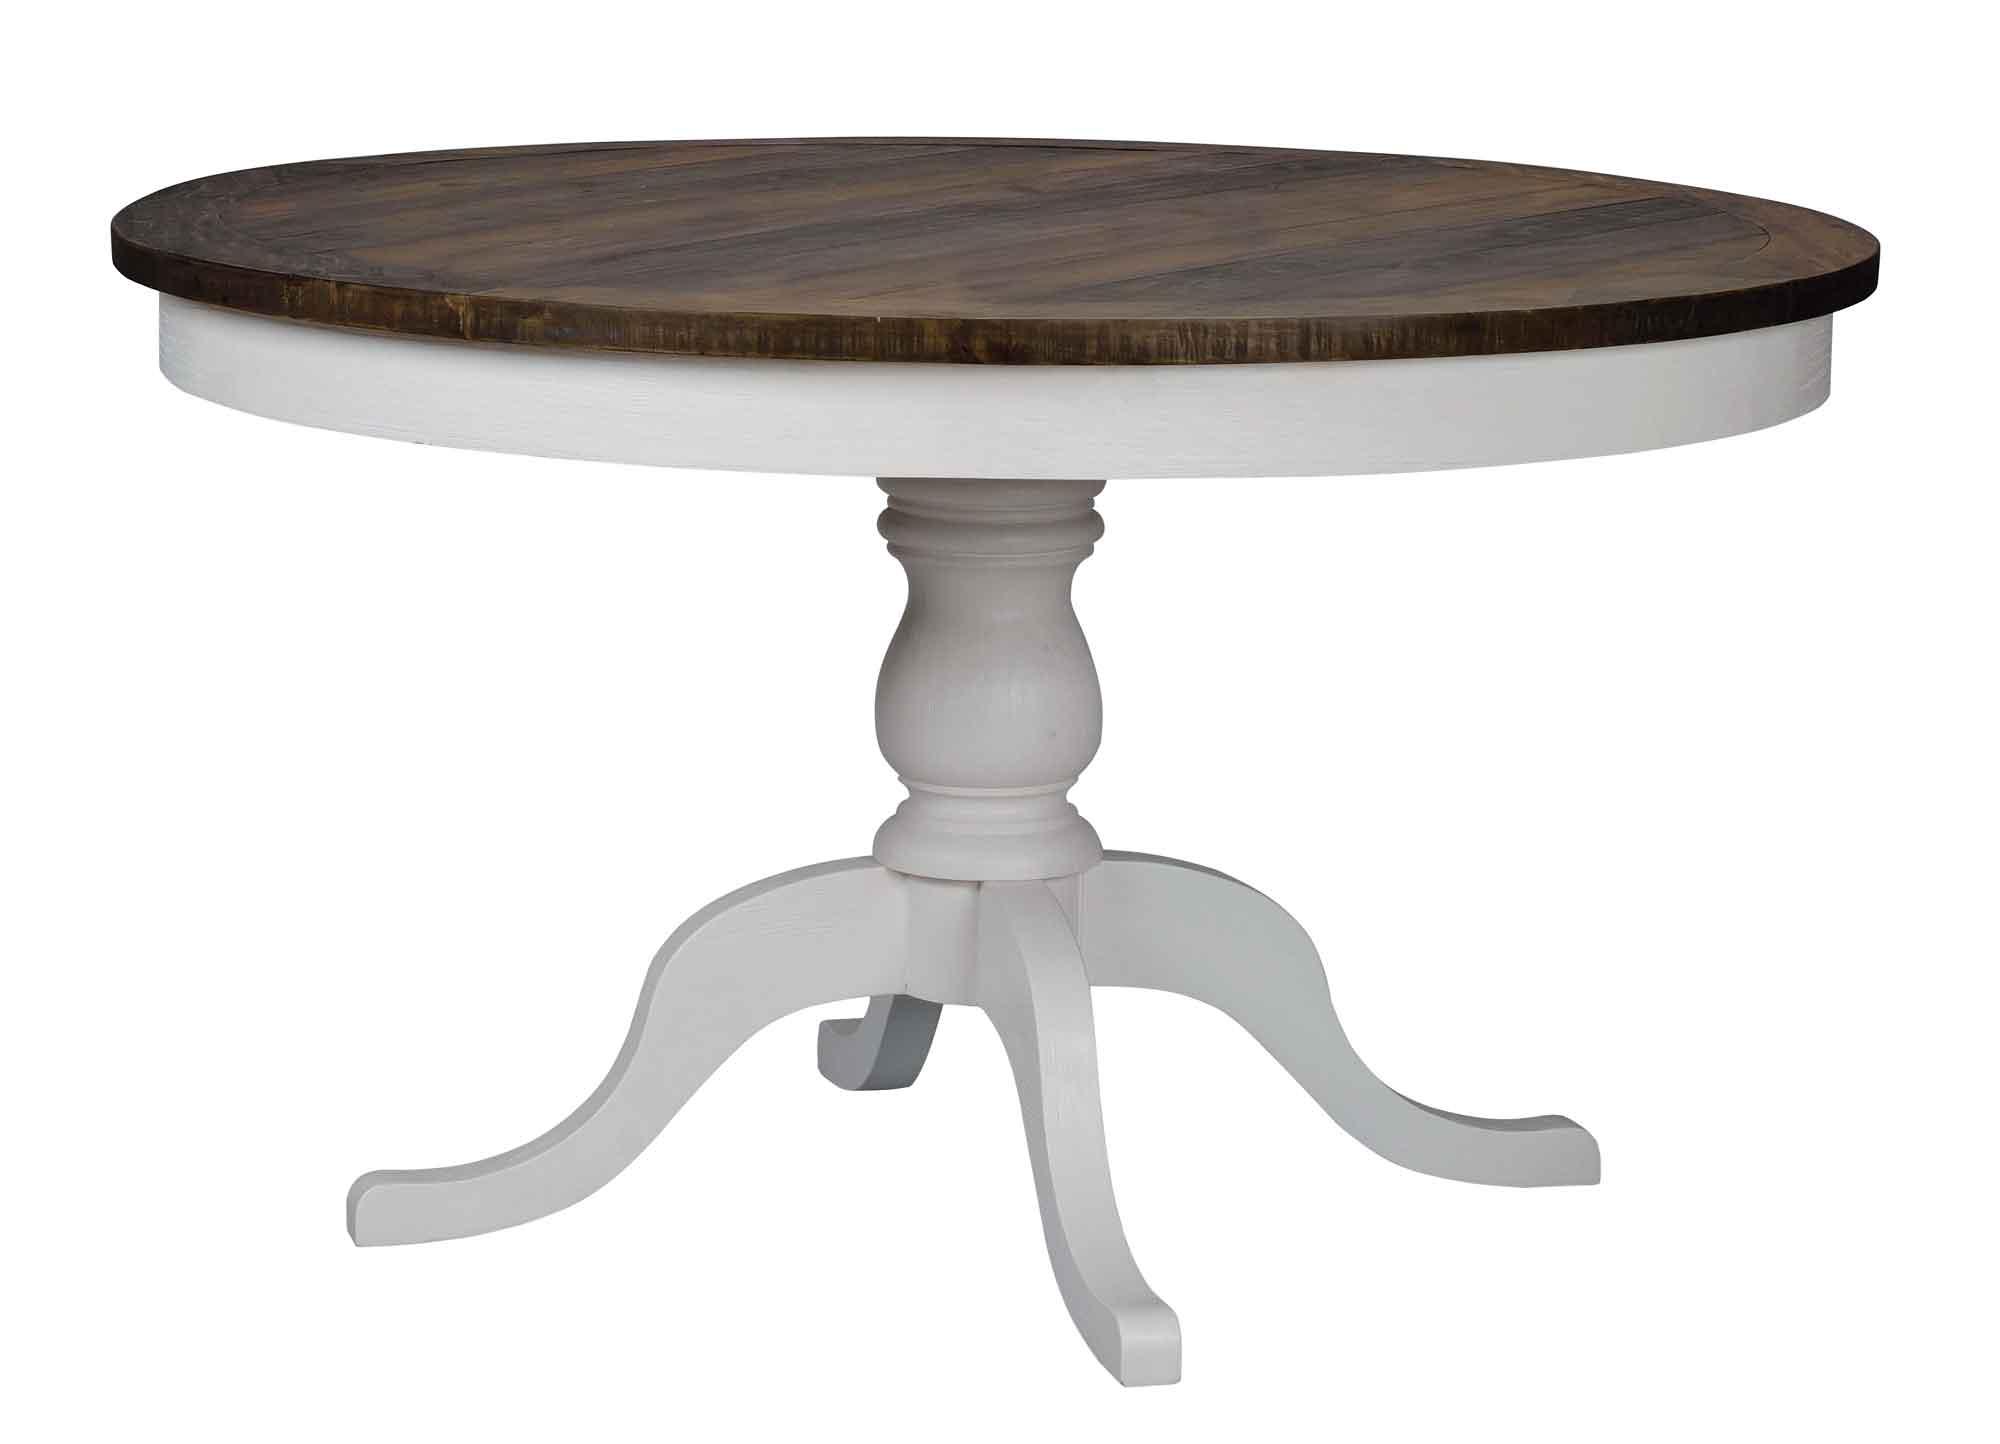 Nottingham spisebord - brun/hvid, rund (Ø130)